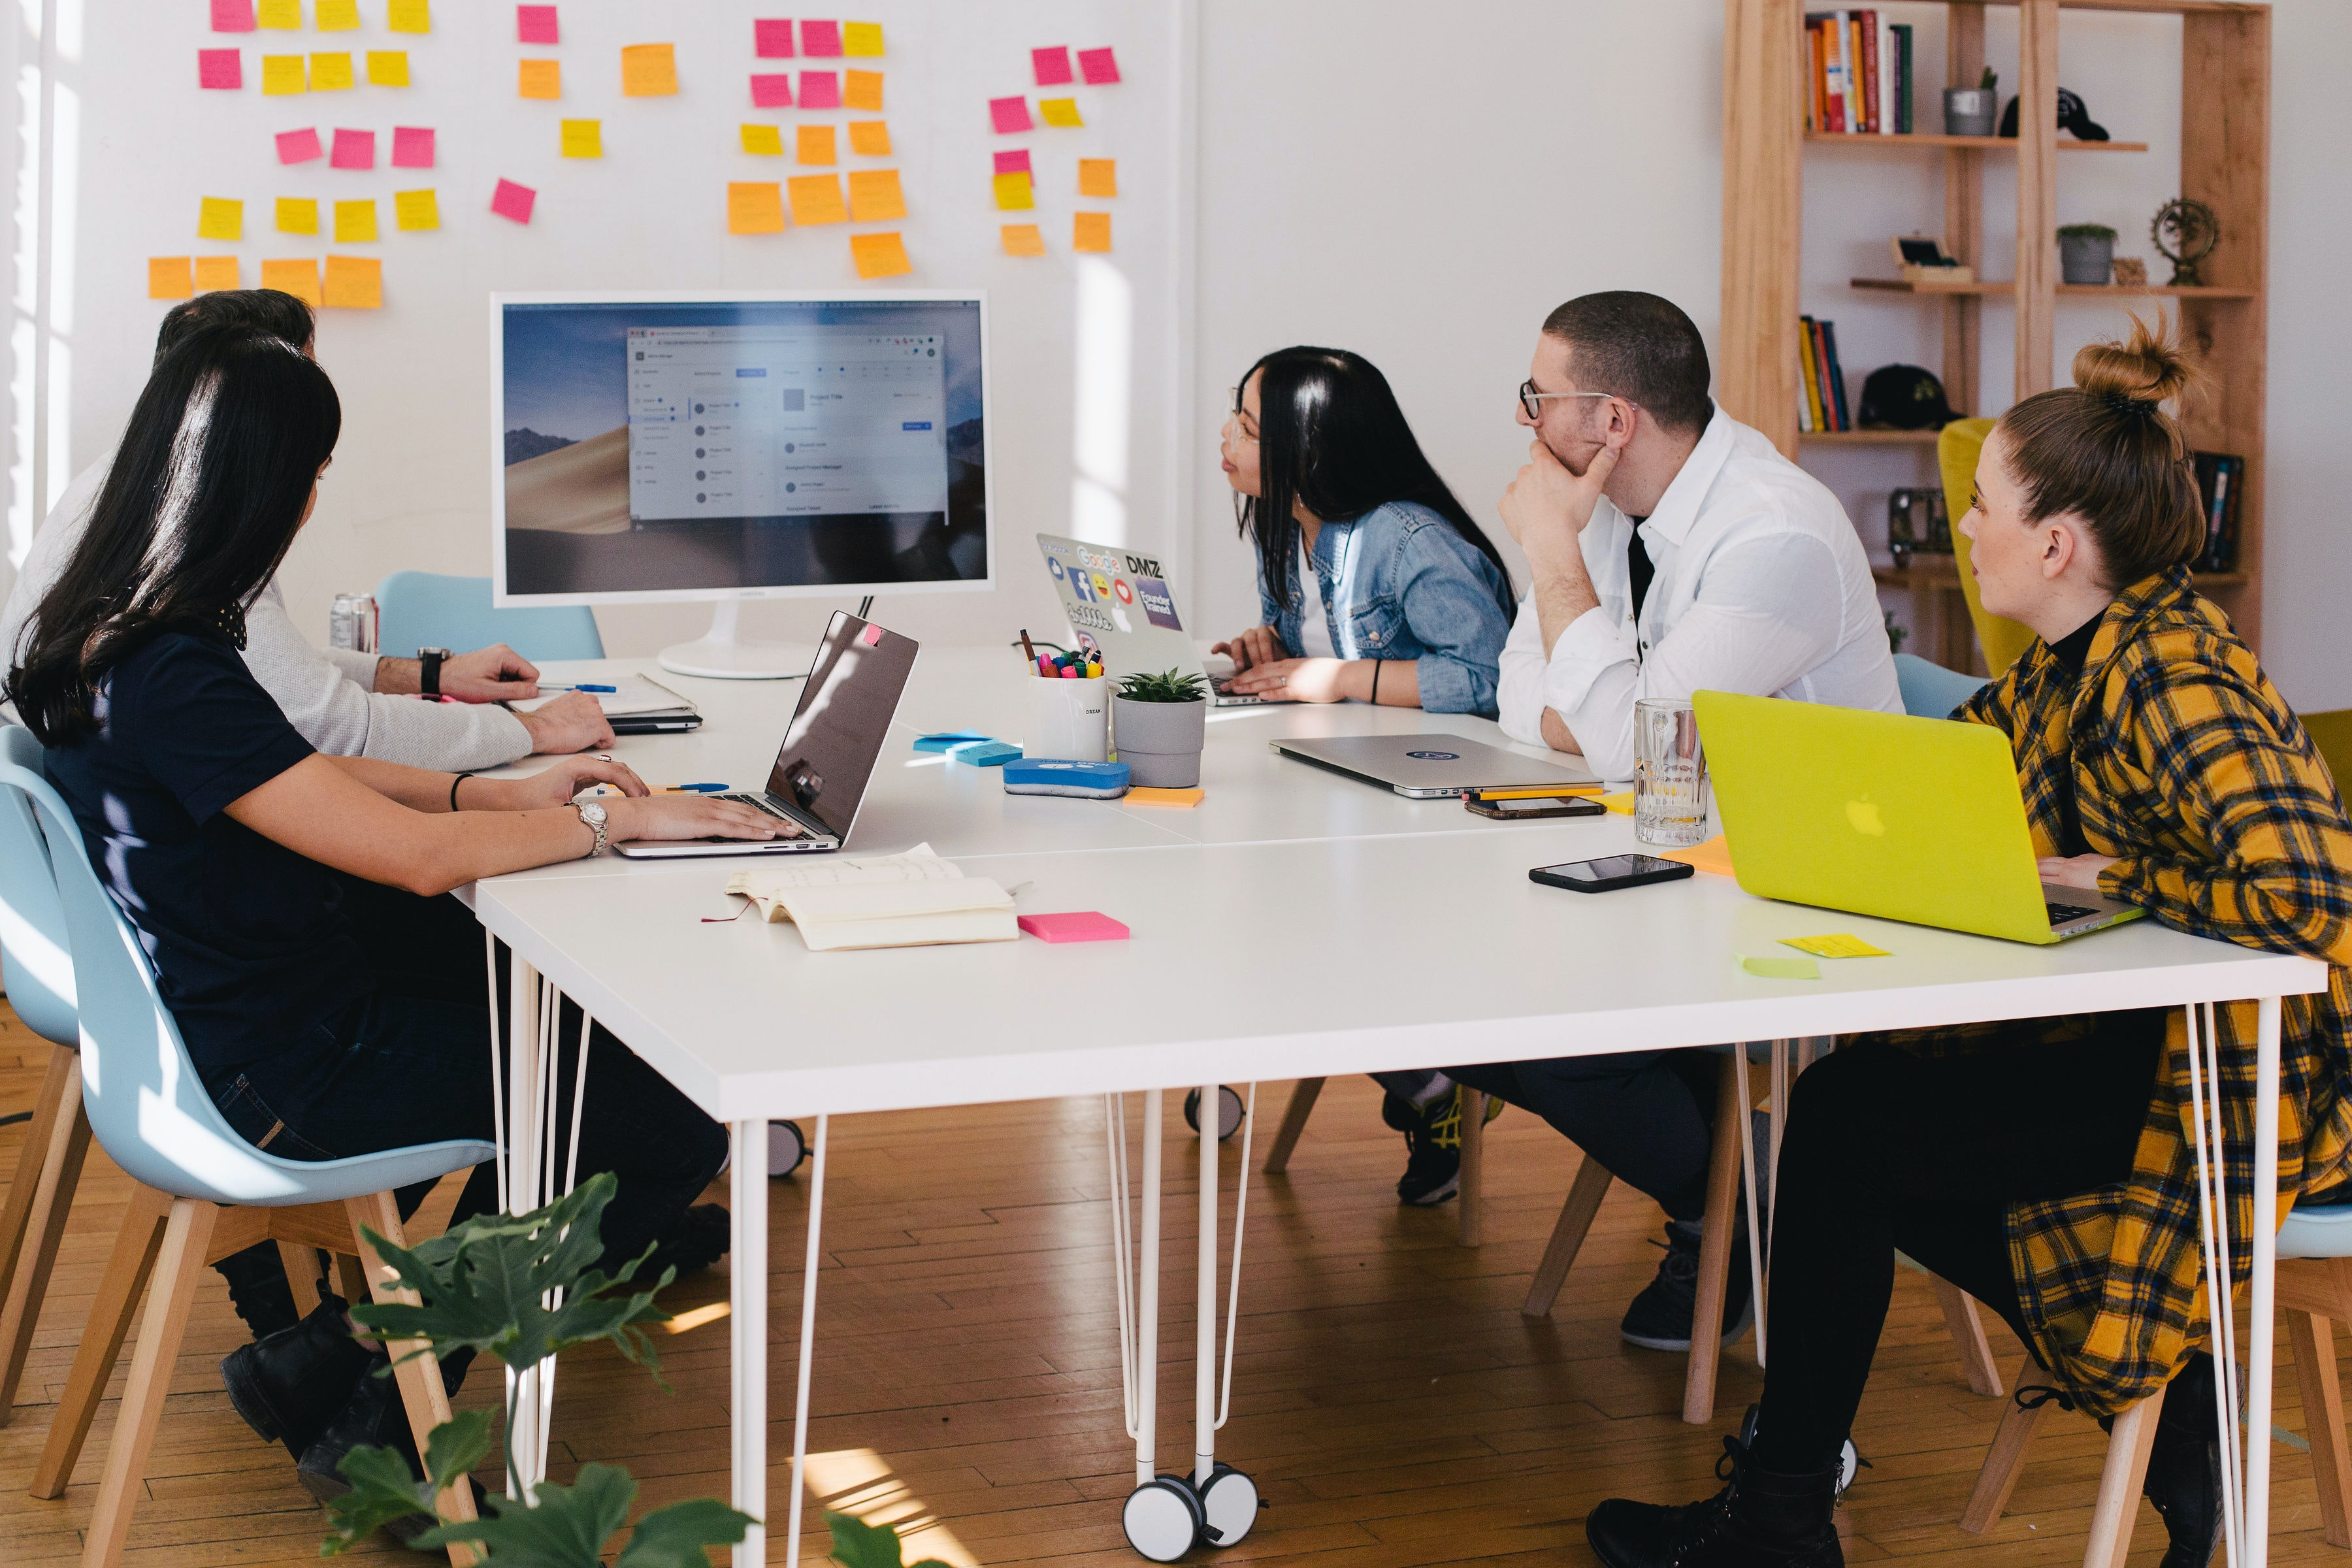 Comment la Génération Z change-t-elle le monde du travail ? Analyse et recommandations.